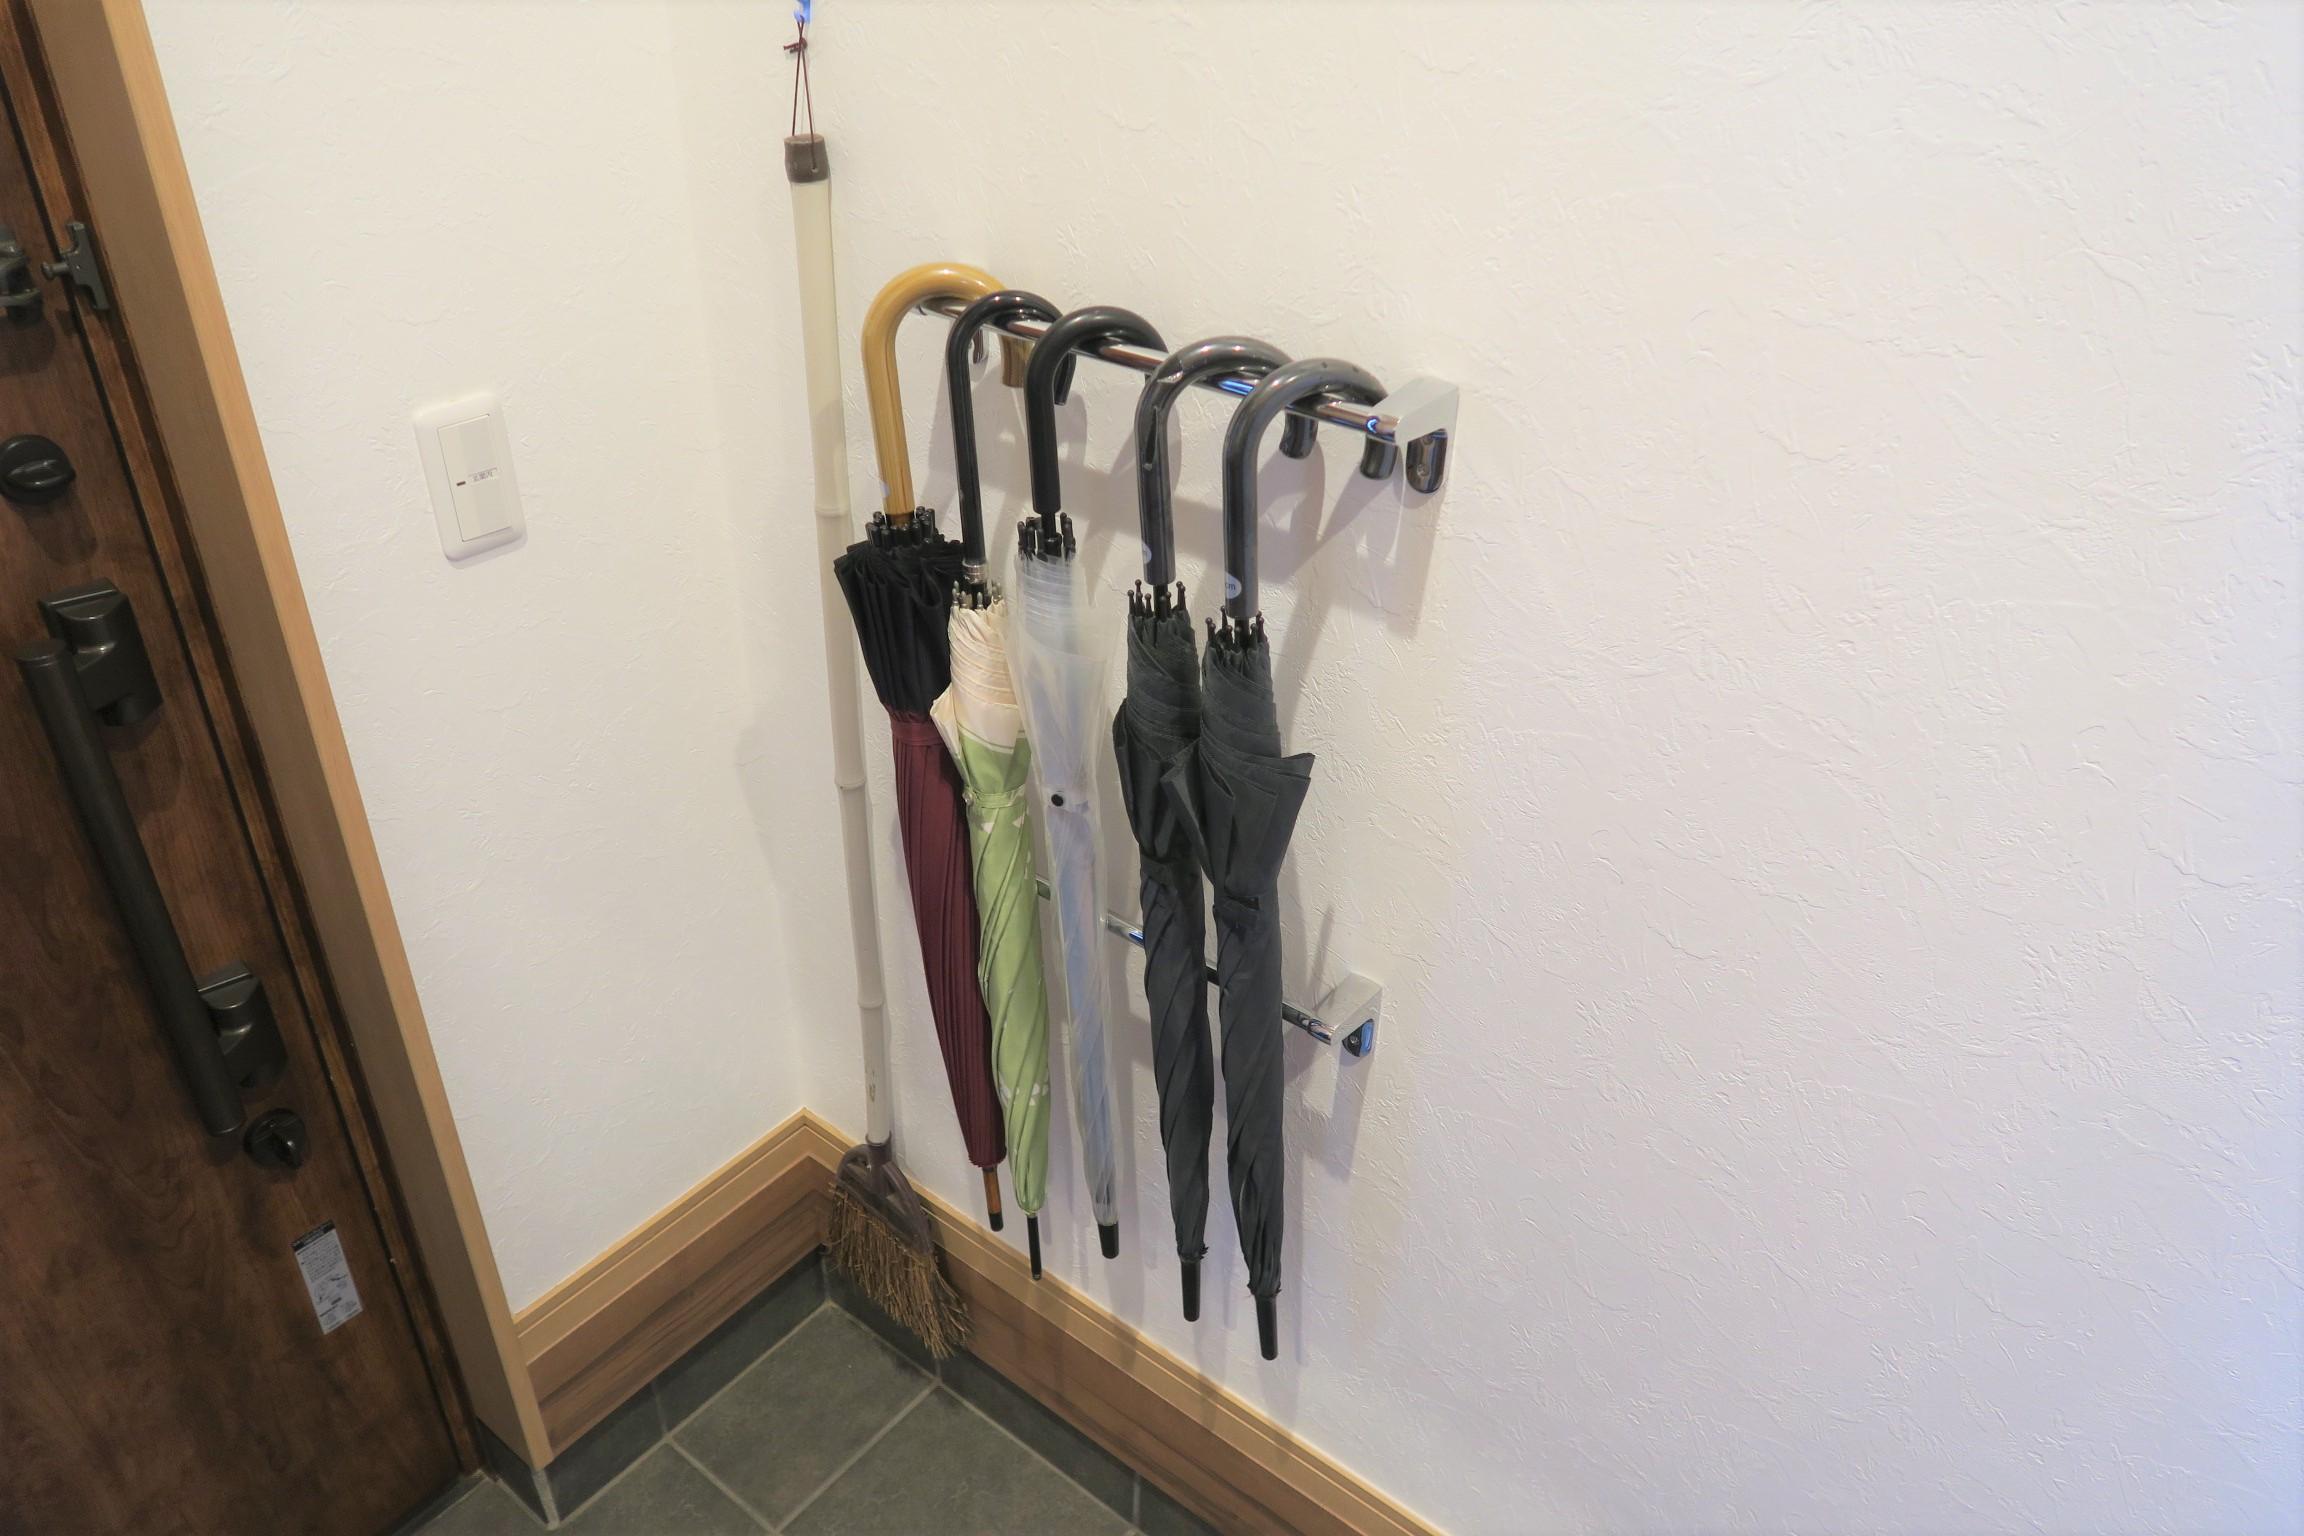 タオル掛け2本でできた傘掛け